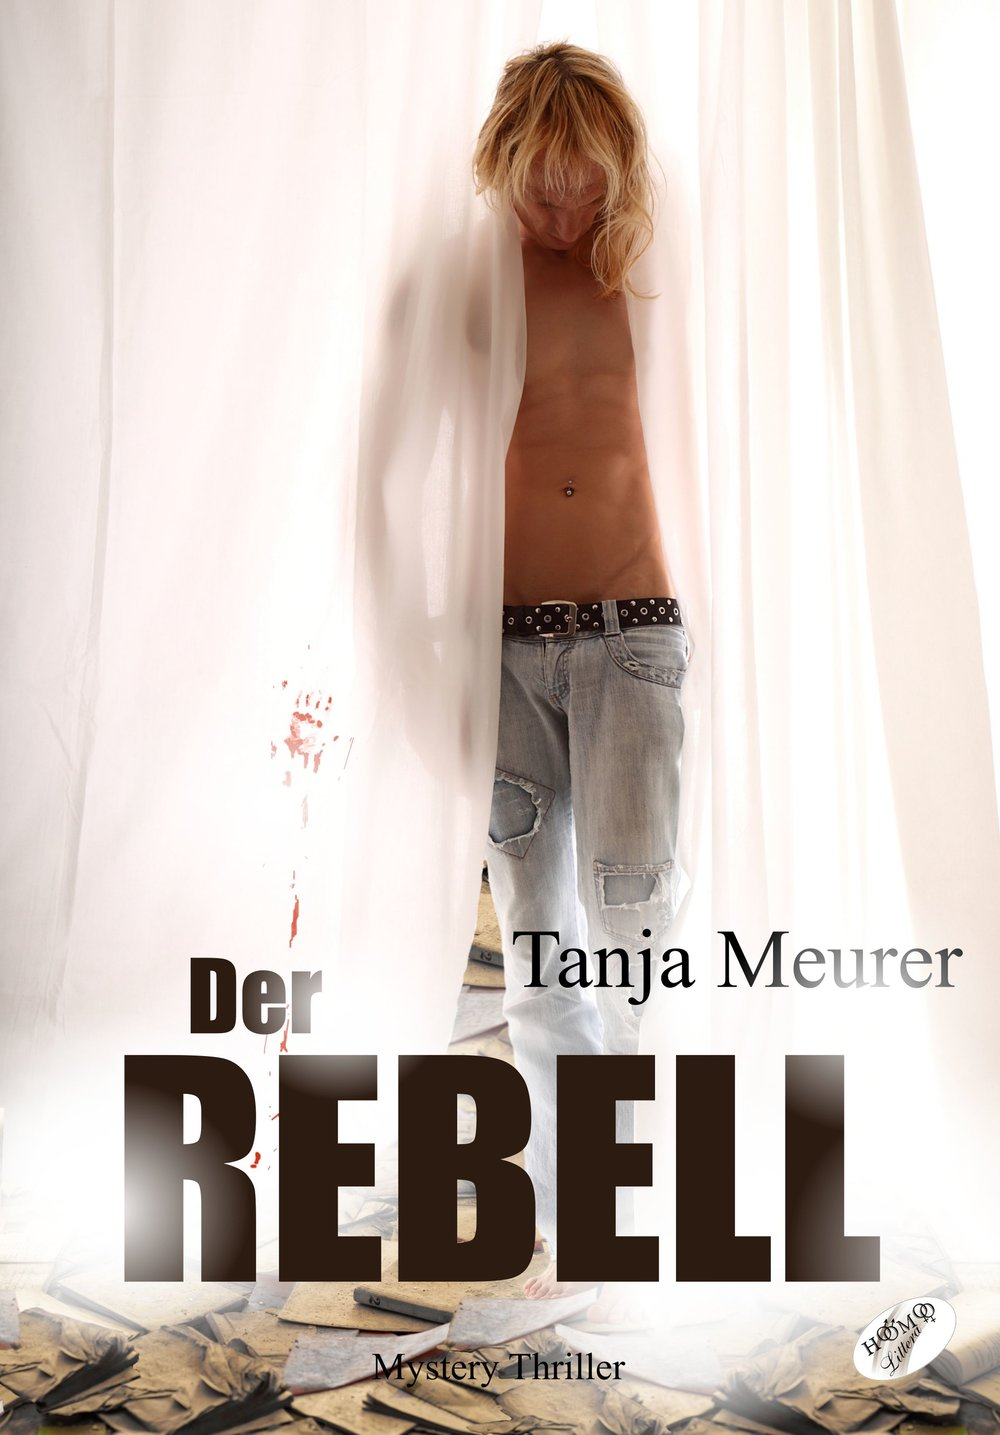 Der-Rebell_Tanja-Meurer.jpg